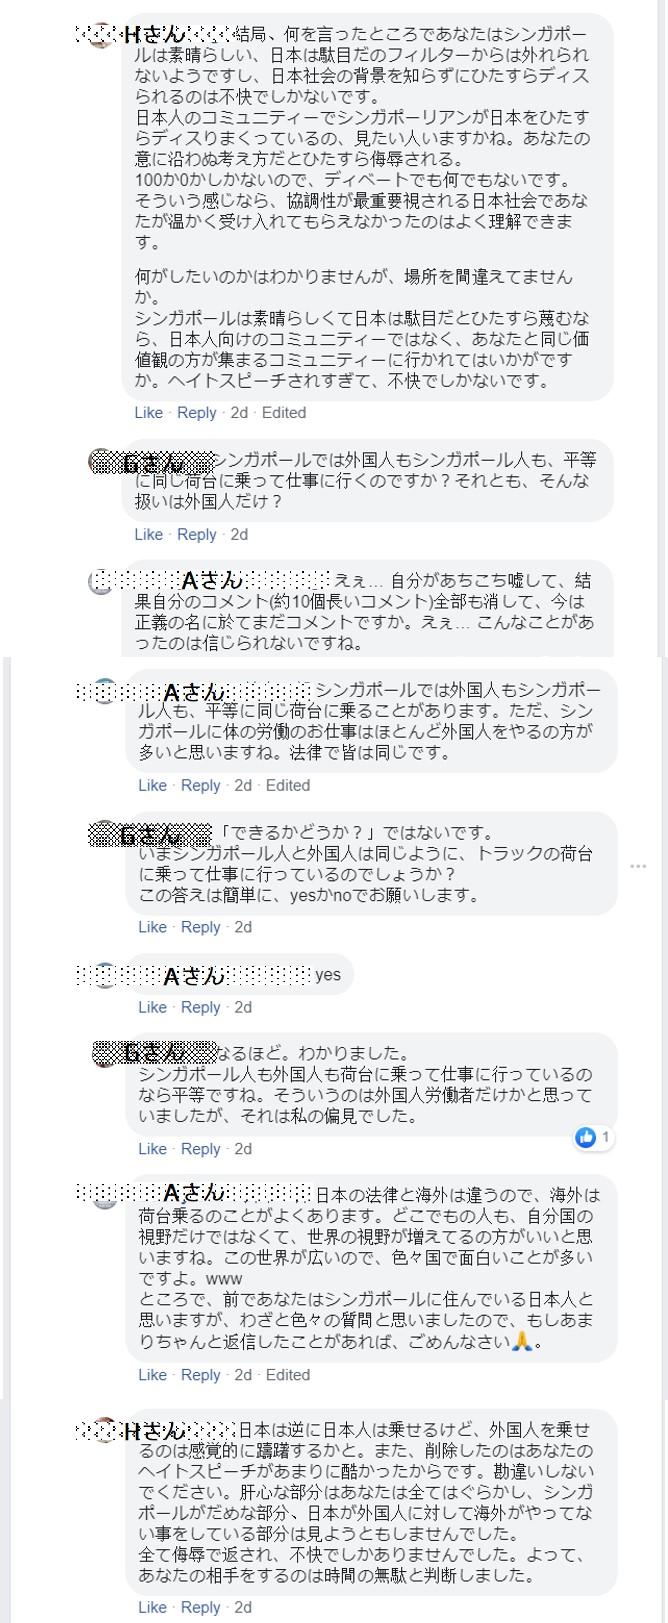 シンガポール在住日本人FBページ 喧嘩15